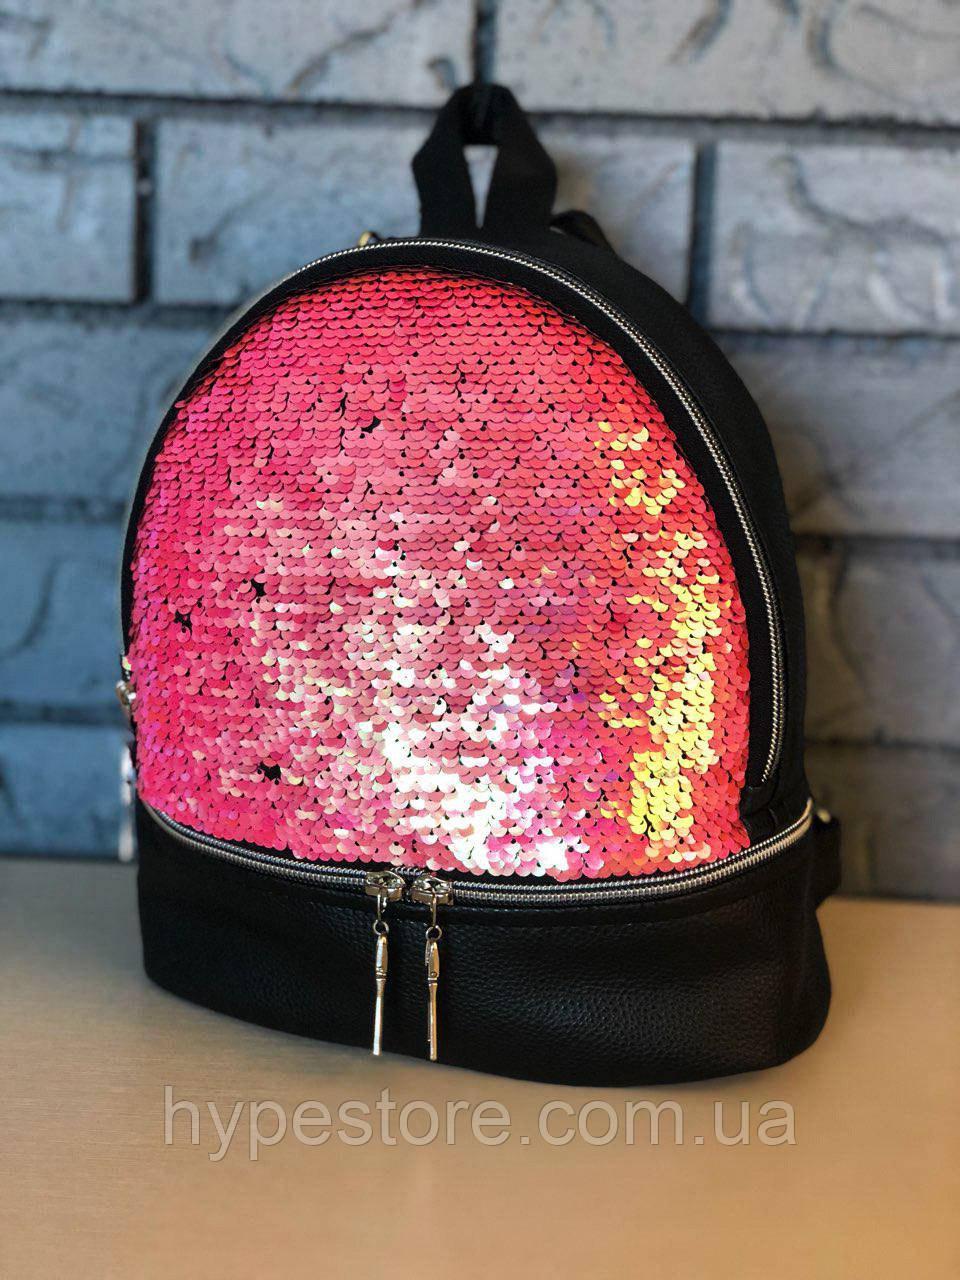 Женская сумка, сумочка, портфель, рюкзак со стразами (розовый), Реплика